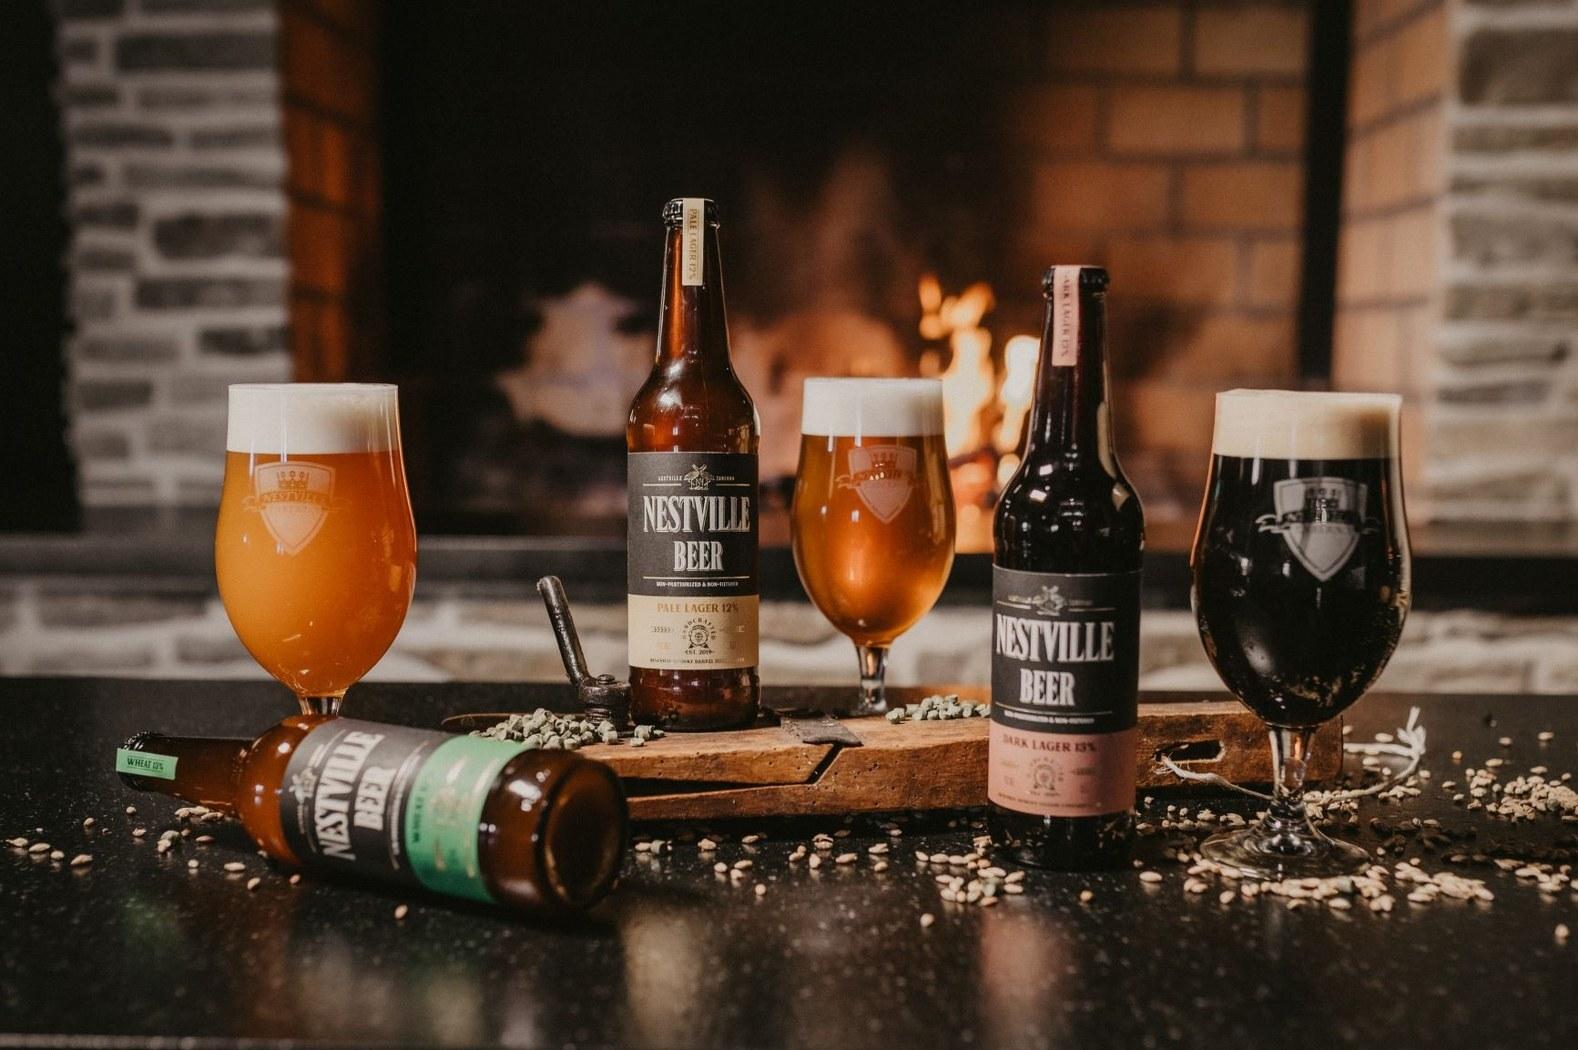 poctivé řemeslné pivo Nestville Beer